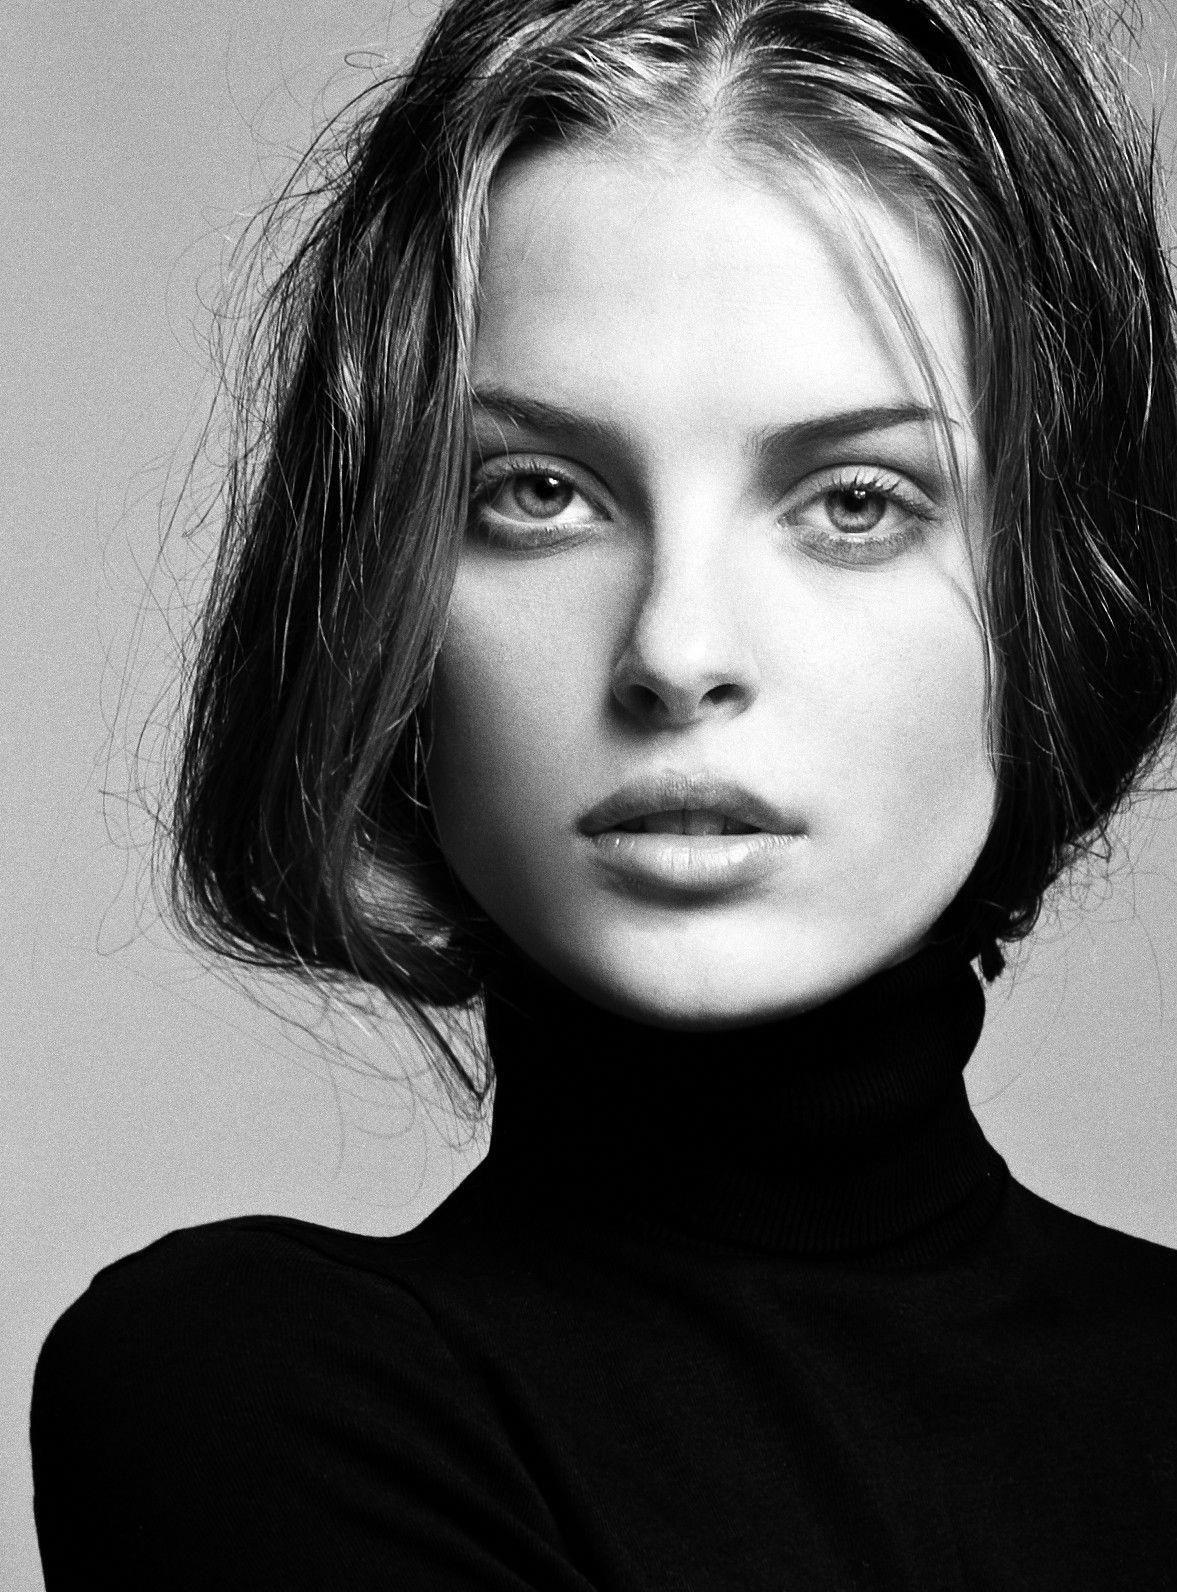 черно белая фотография женский фотопортрет ребра сами